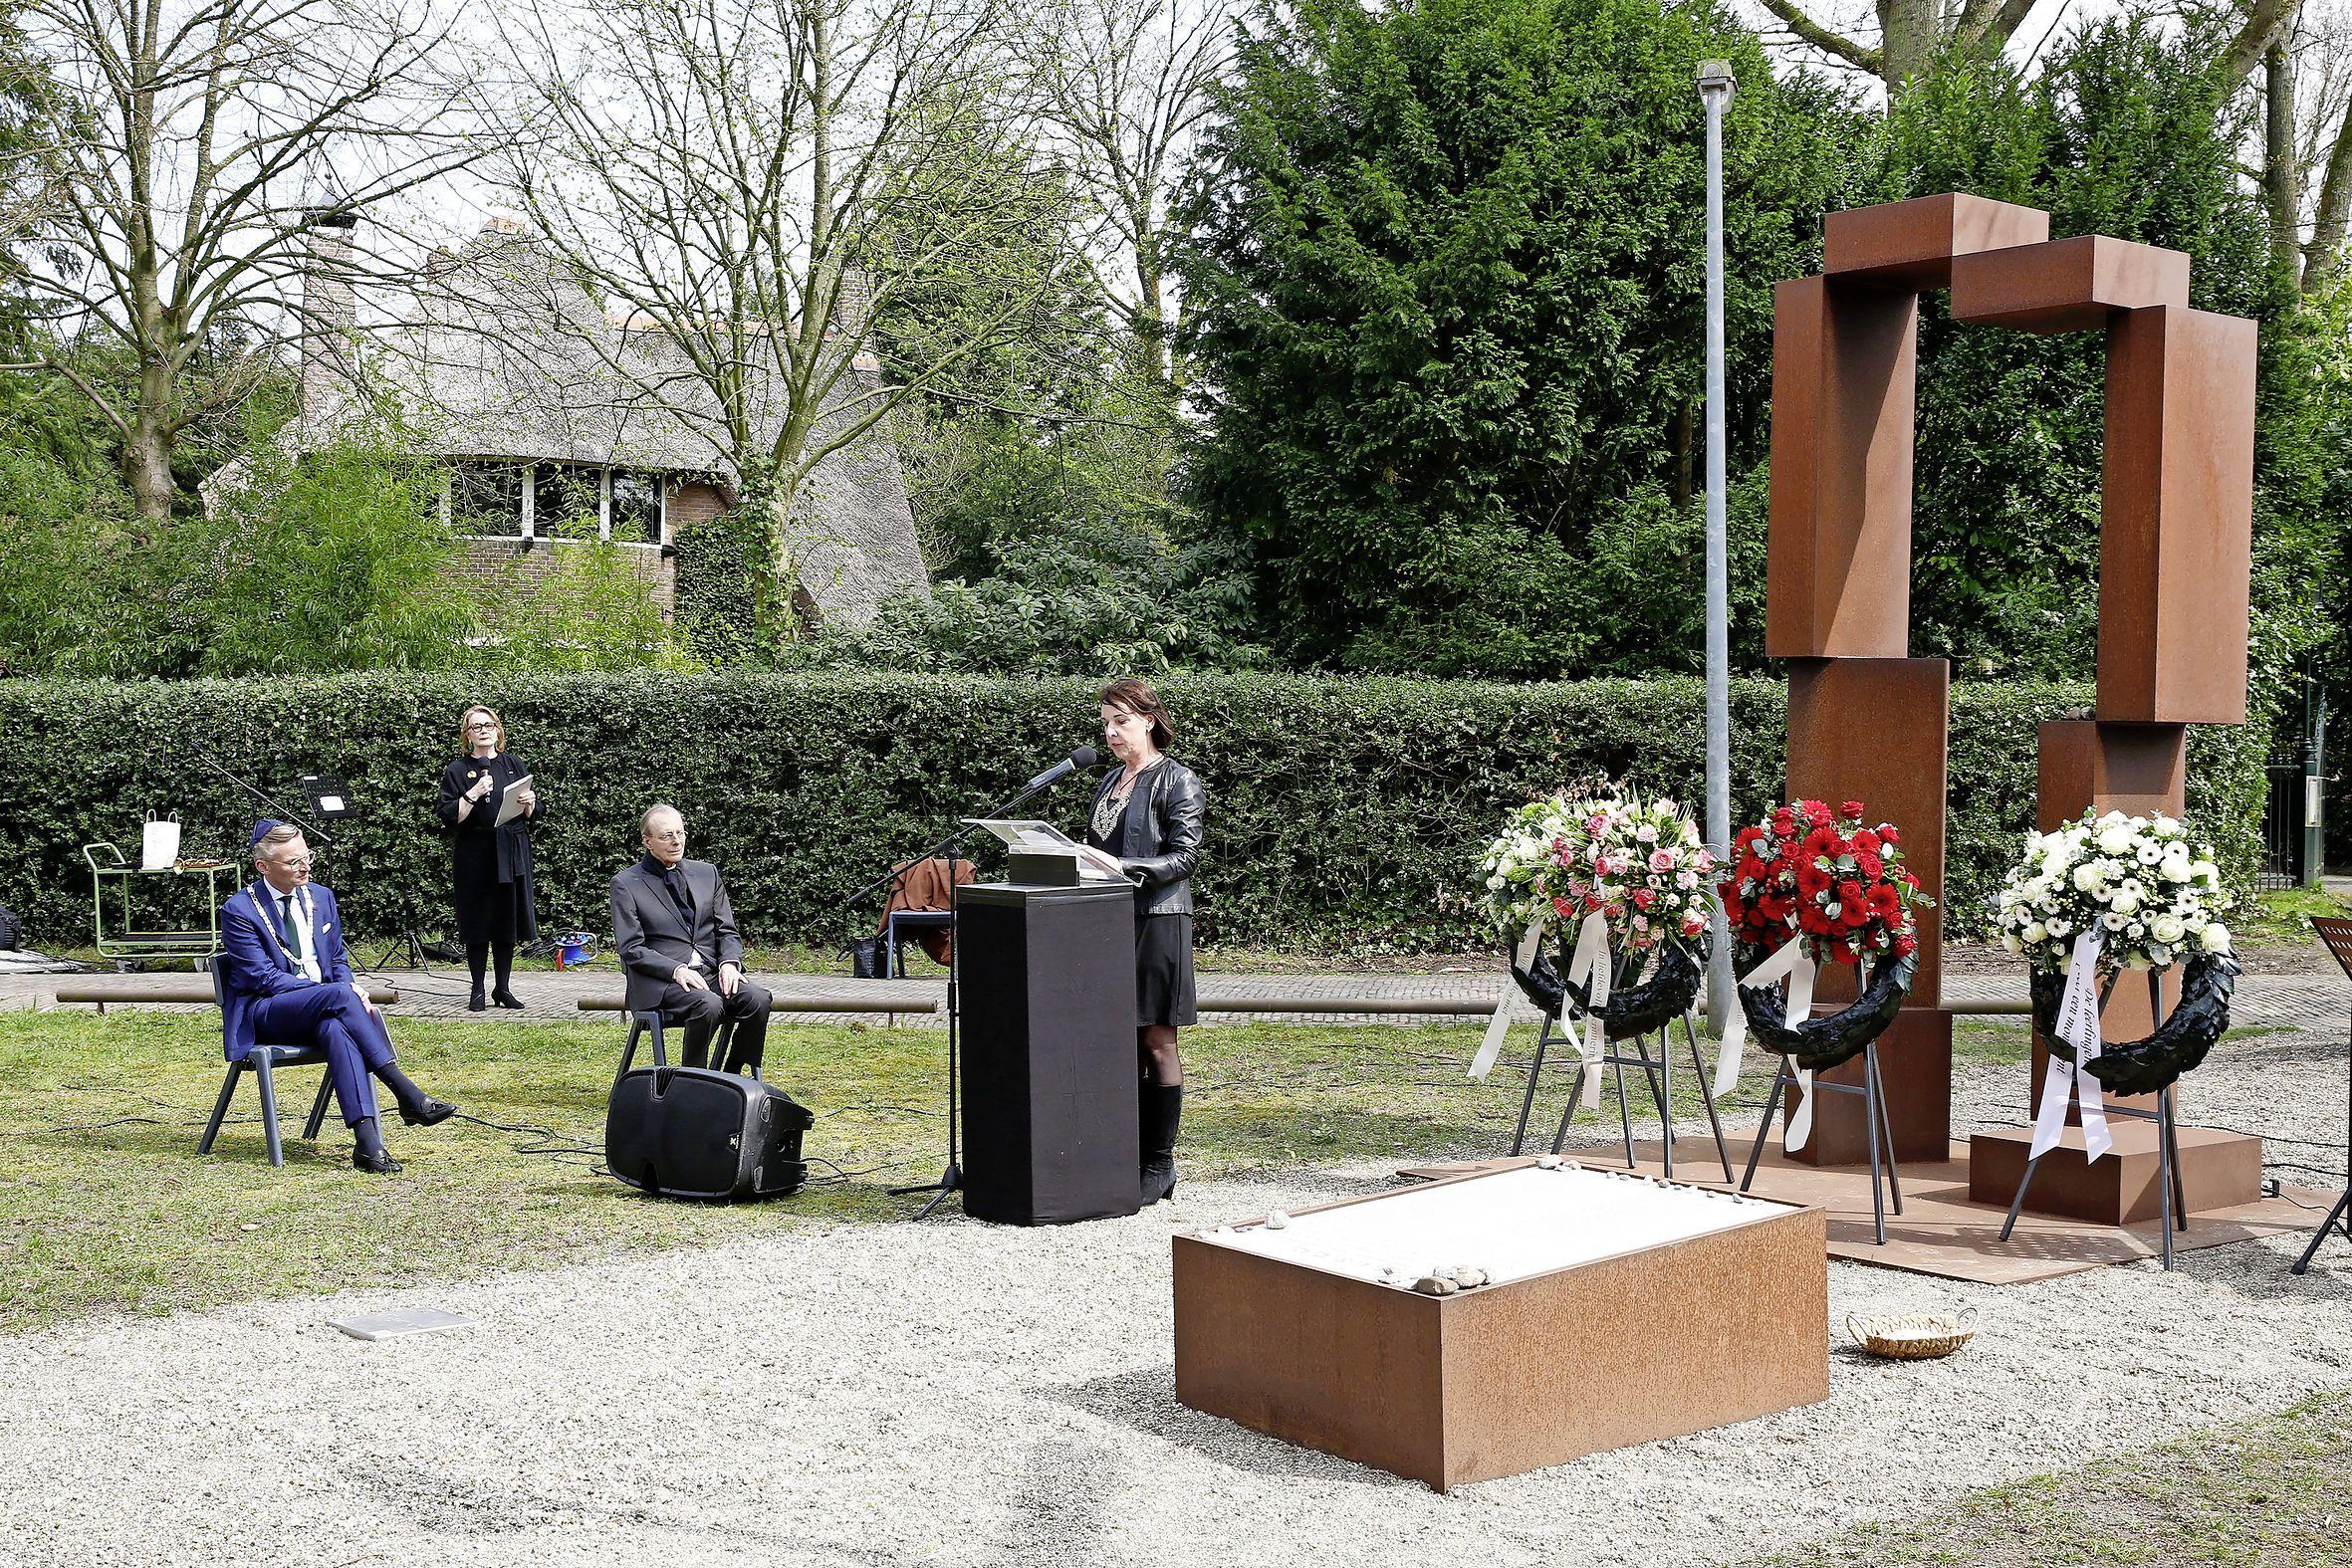 48 Joodse kinderen in Laren werden vermoord door nazi's. Ineke Hilhorst dook in het verhaal; 'Ik was in shock toen ik dit hoorde. Hoezo wist niemand dit?'